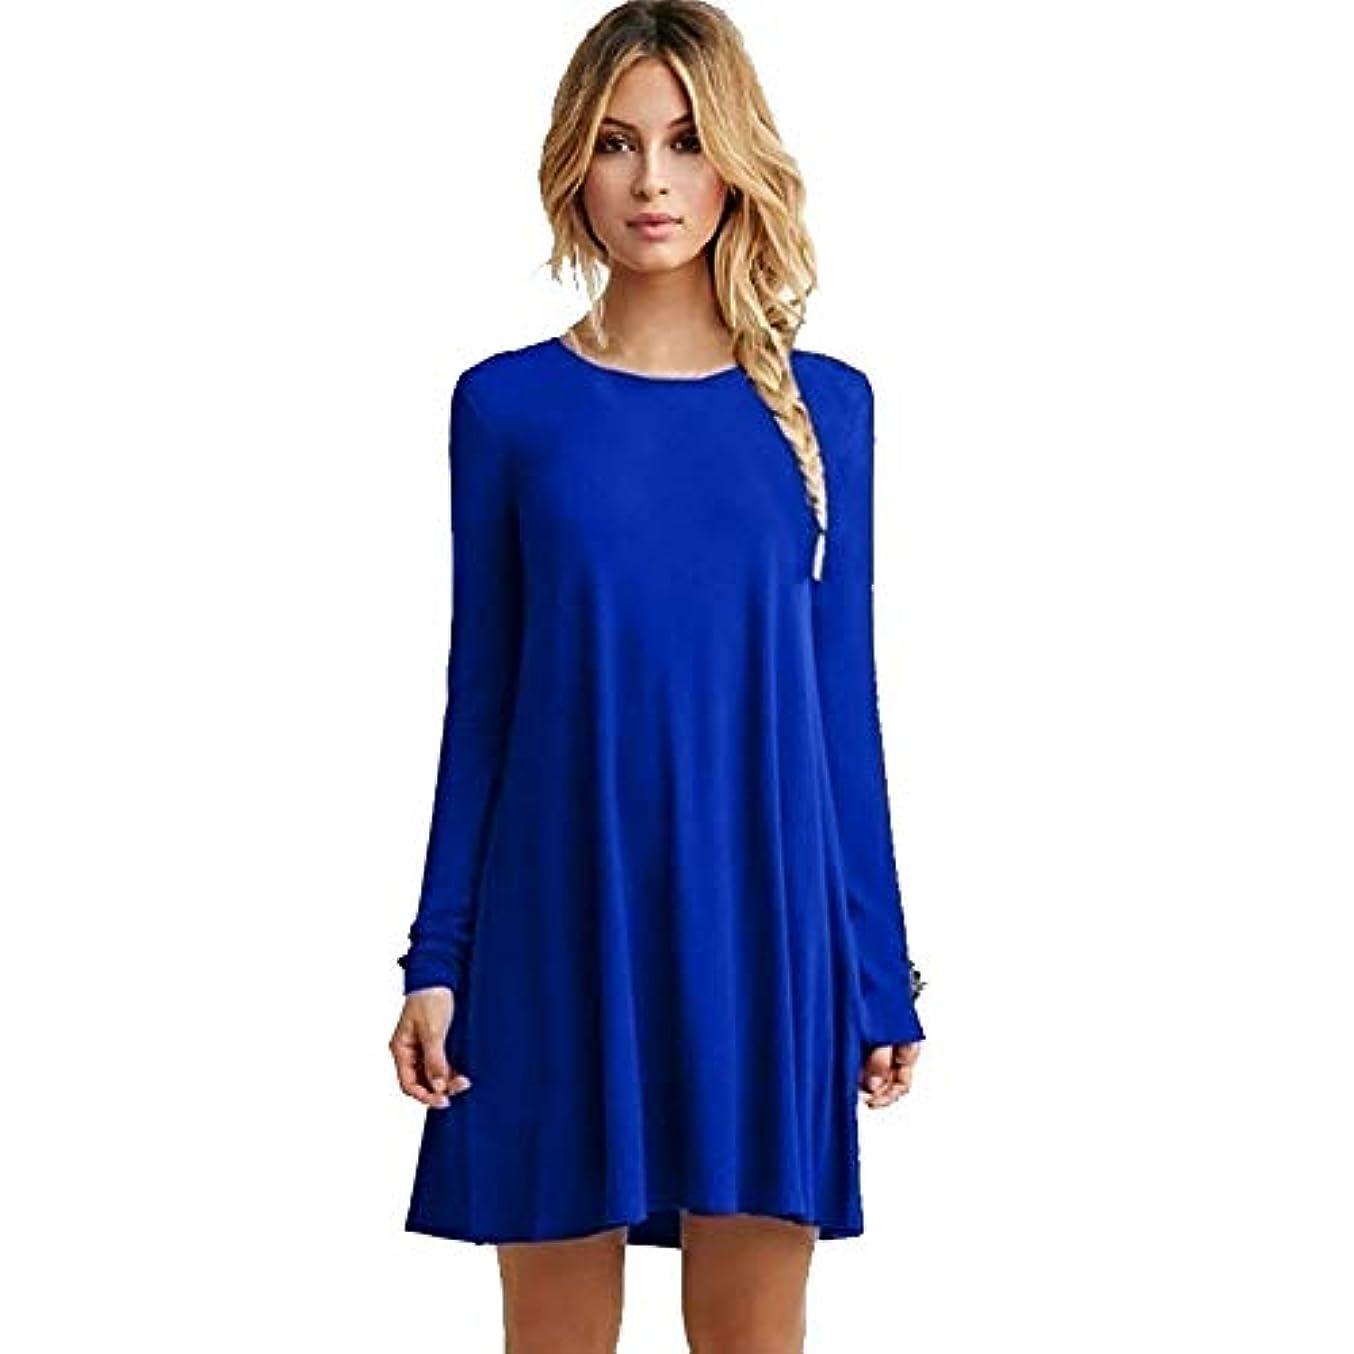 タンザニア危険を冒します頼るMIFANルースドレス、プラスサイズのドレス、長袖のドレス、女性のドレス、秋のドレス、マキシドレス、コットンドレス